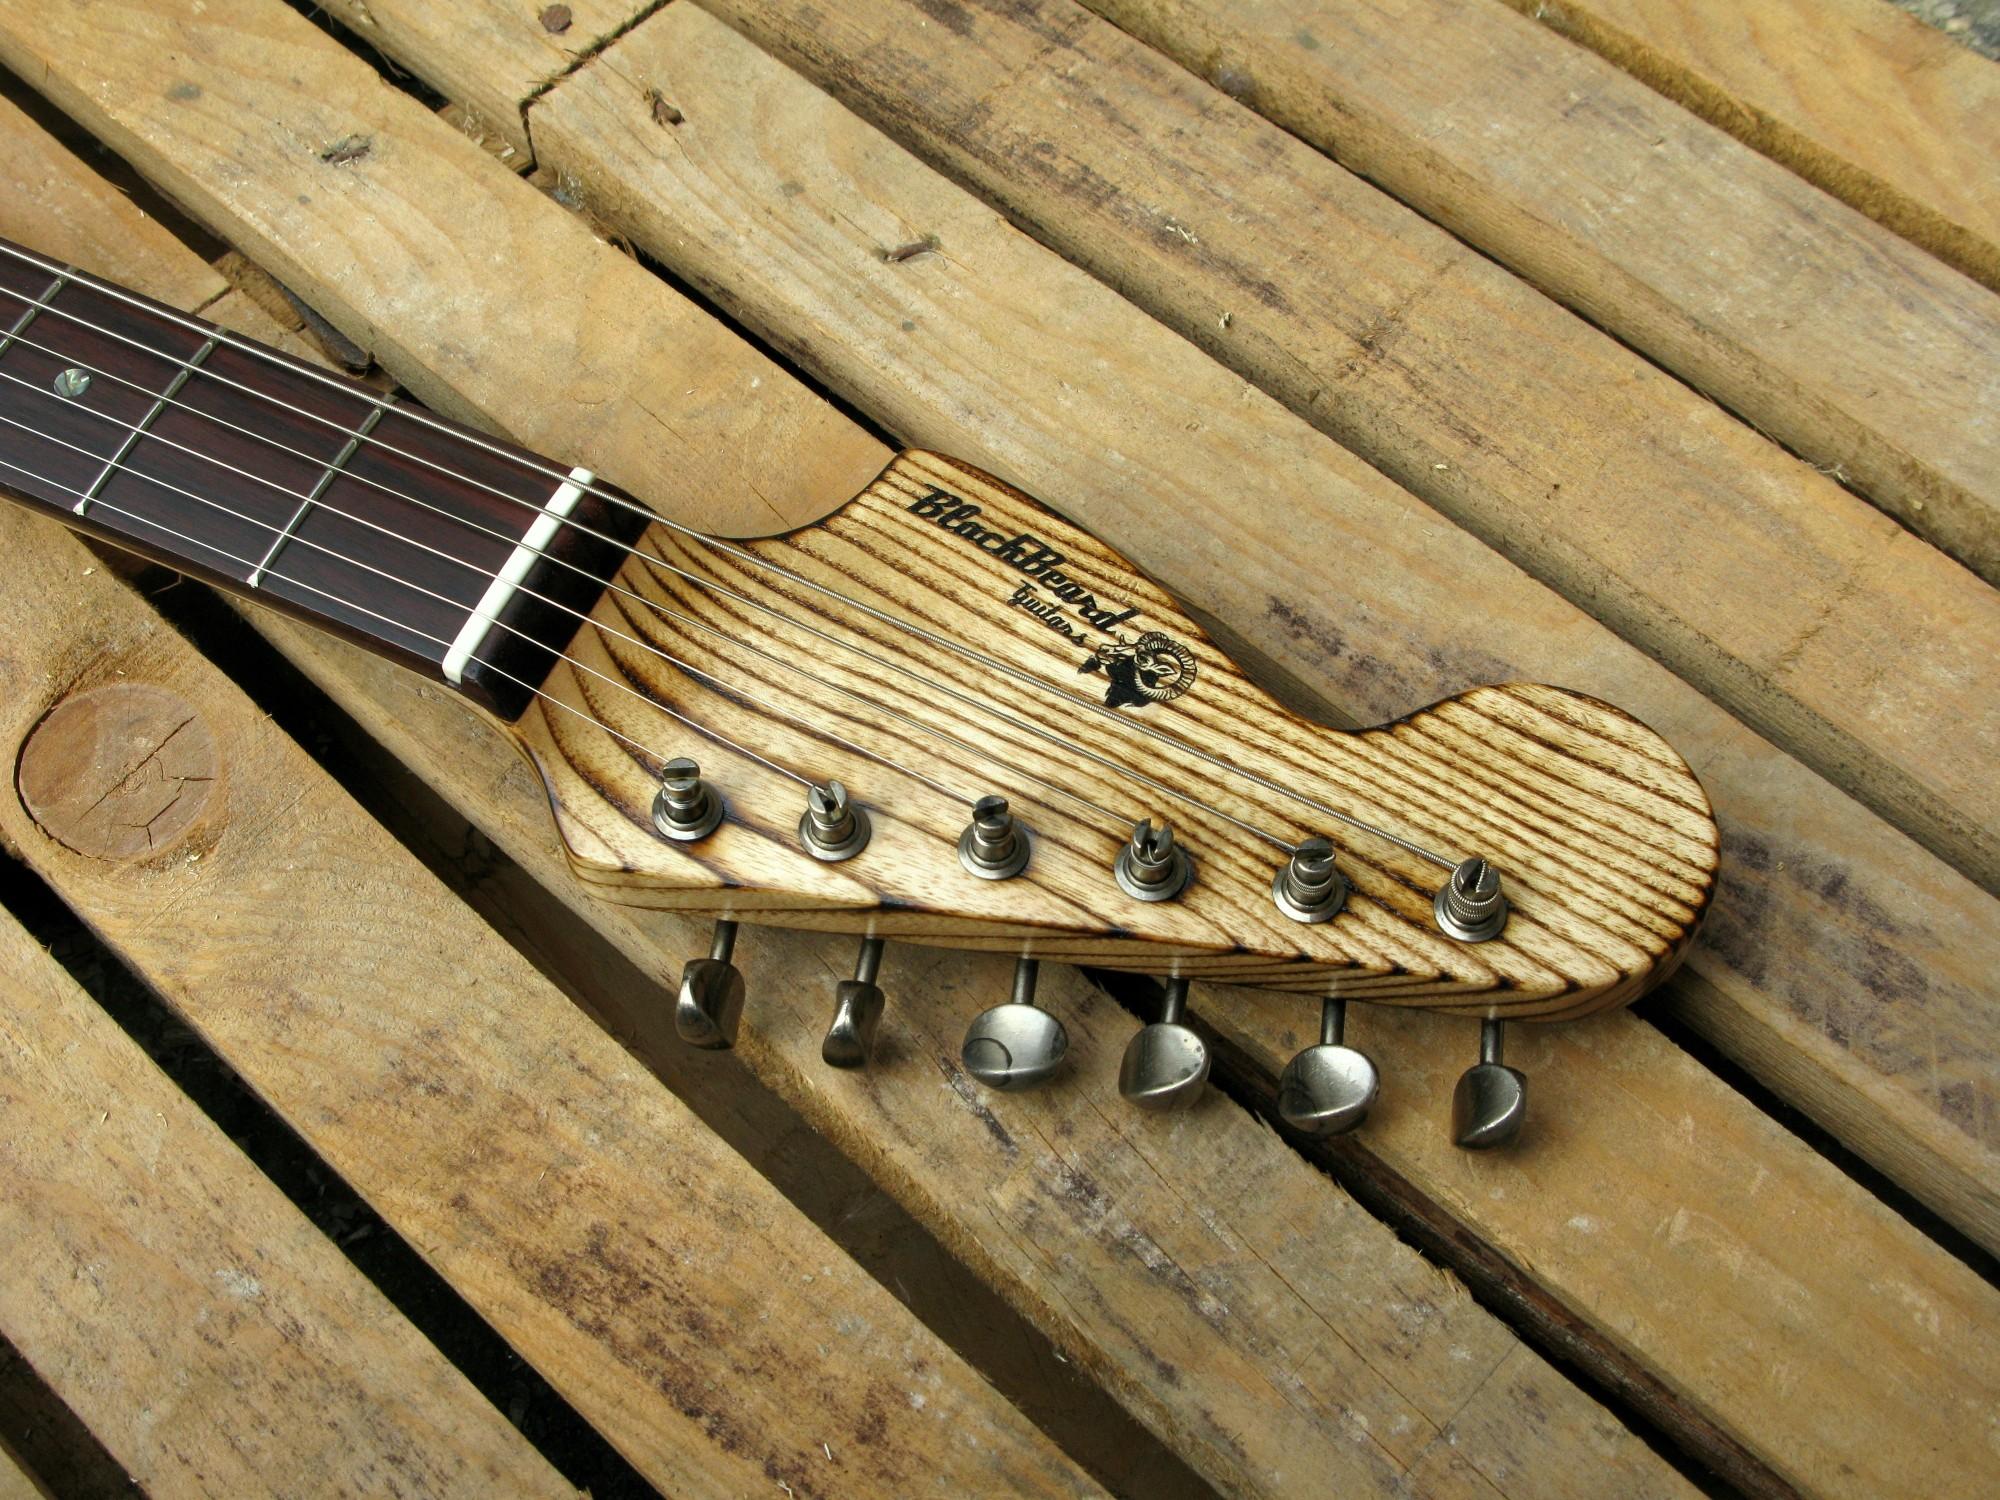 Chitarra modello Stratocaster, body in pino, manico in frassino, reverse: paletta